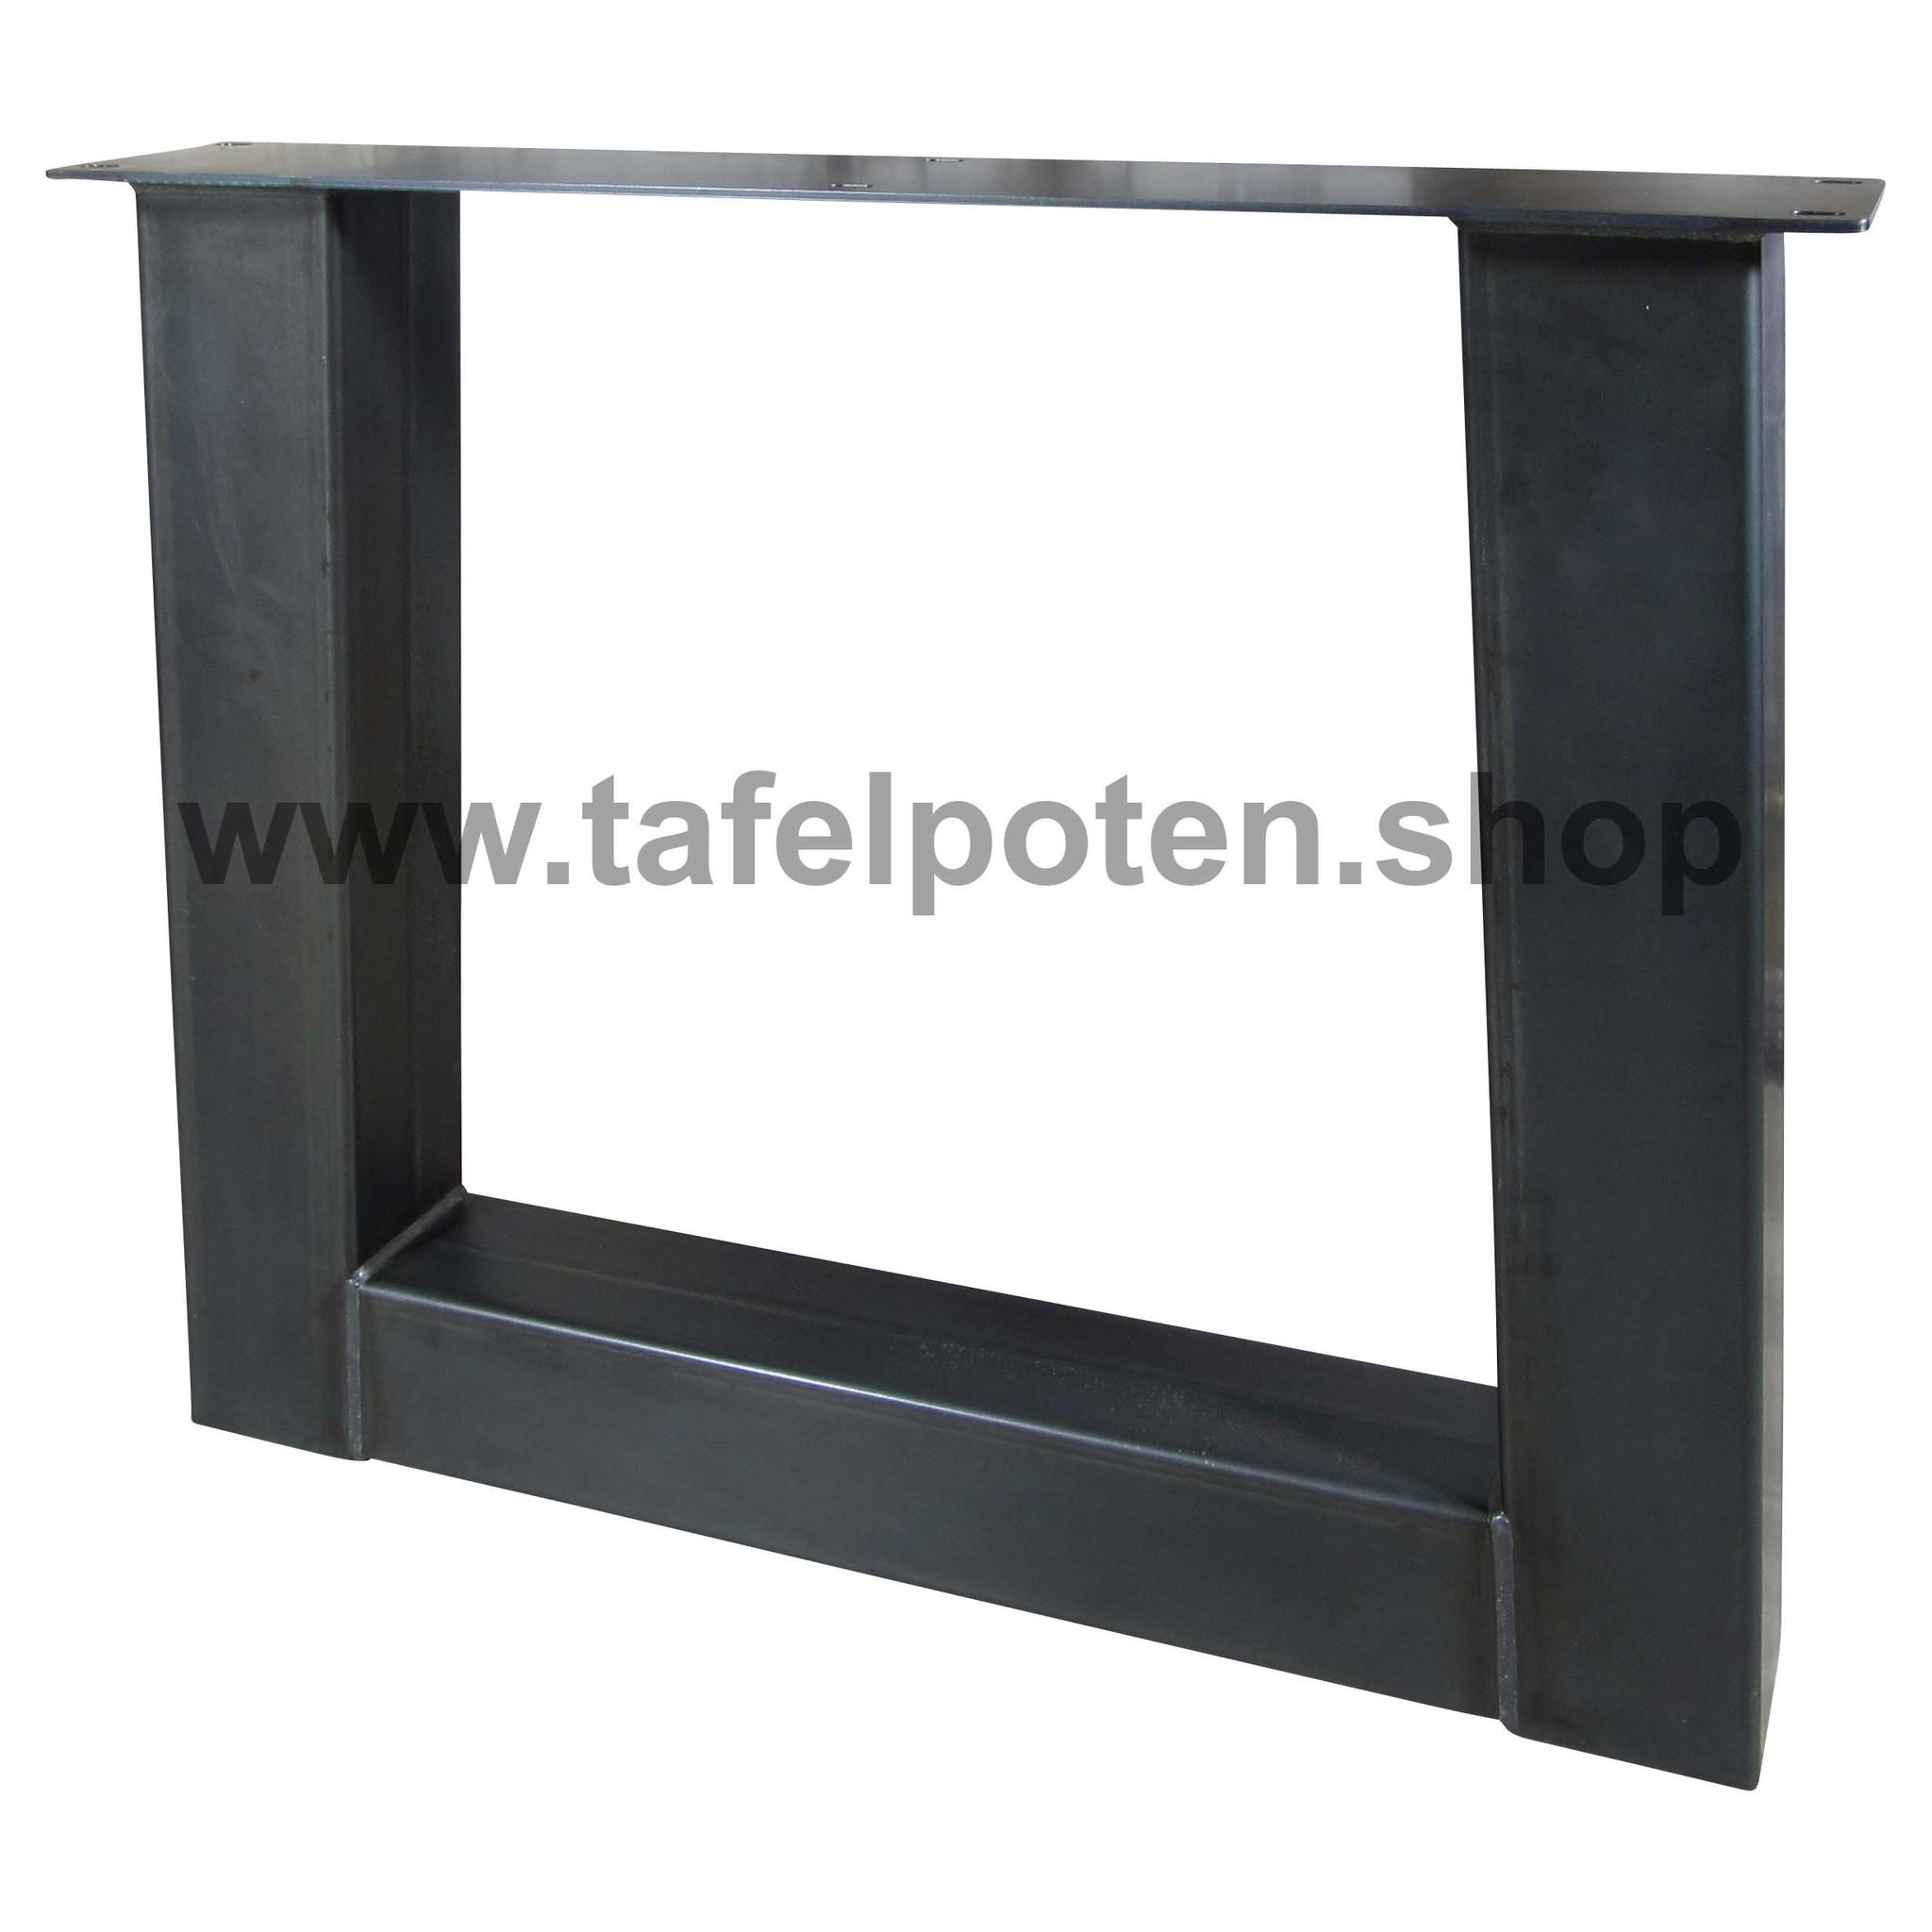 Tafelpoten.shop Robuuste trapezium tafelpoten, industriële tafelpoten voor een stoere tafel